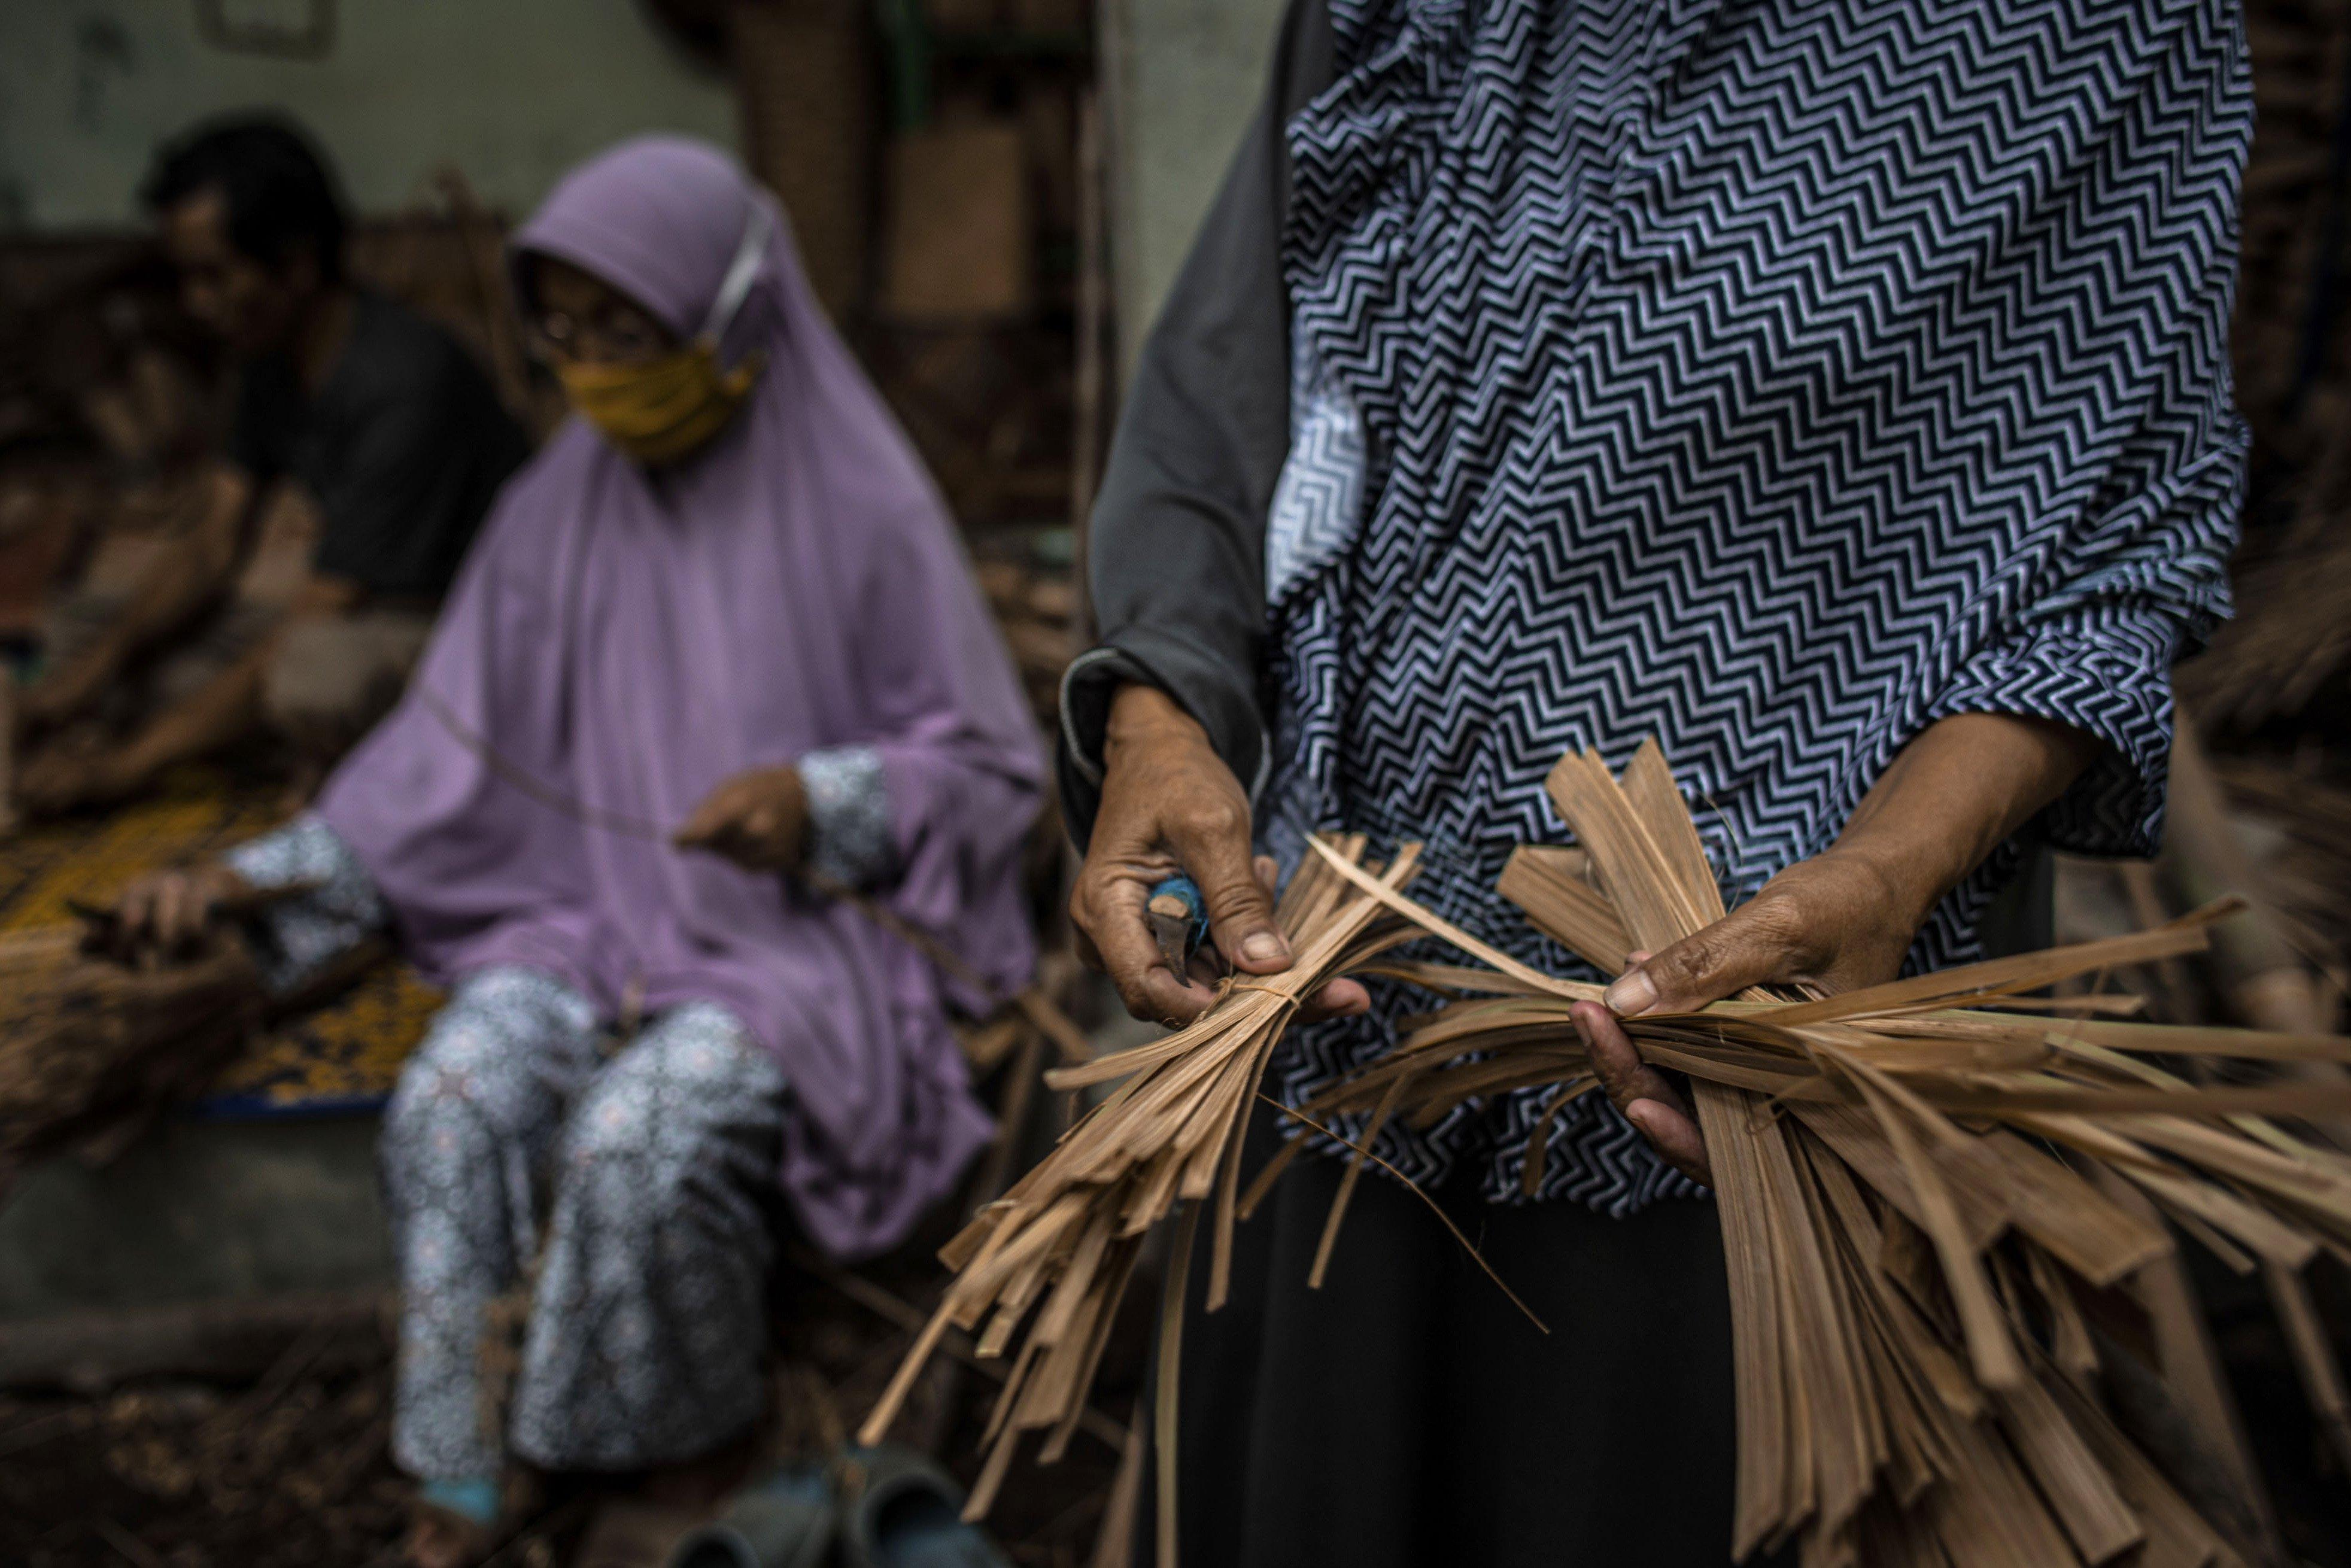 Pengrajin memilah bambu yang telah dipotong di Desa Loyok, Sakra, Lombok Timur, Nusa Tenggara Barat.\r\n